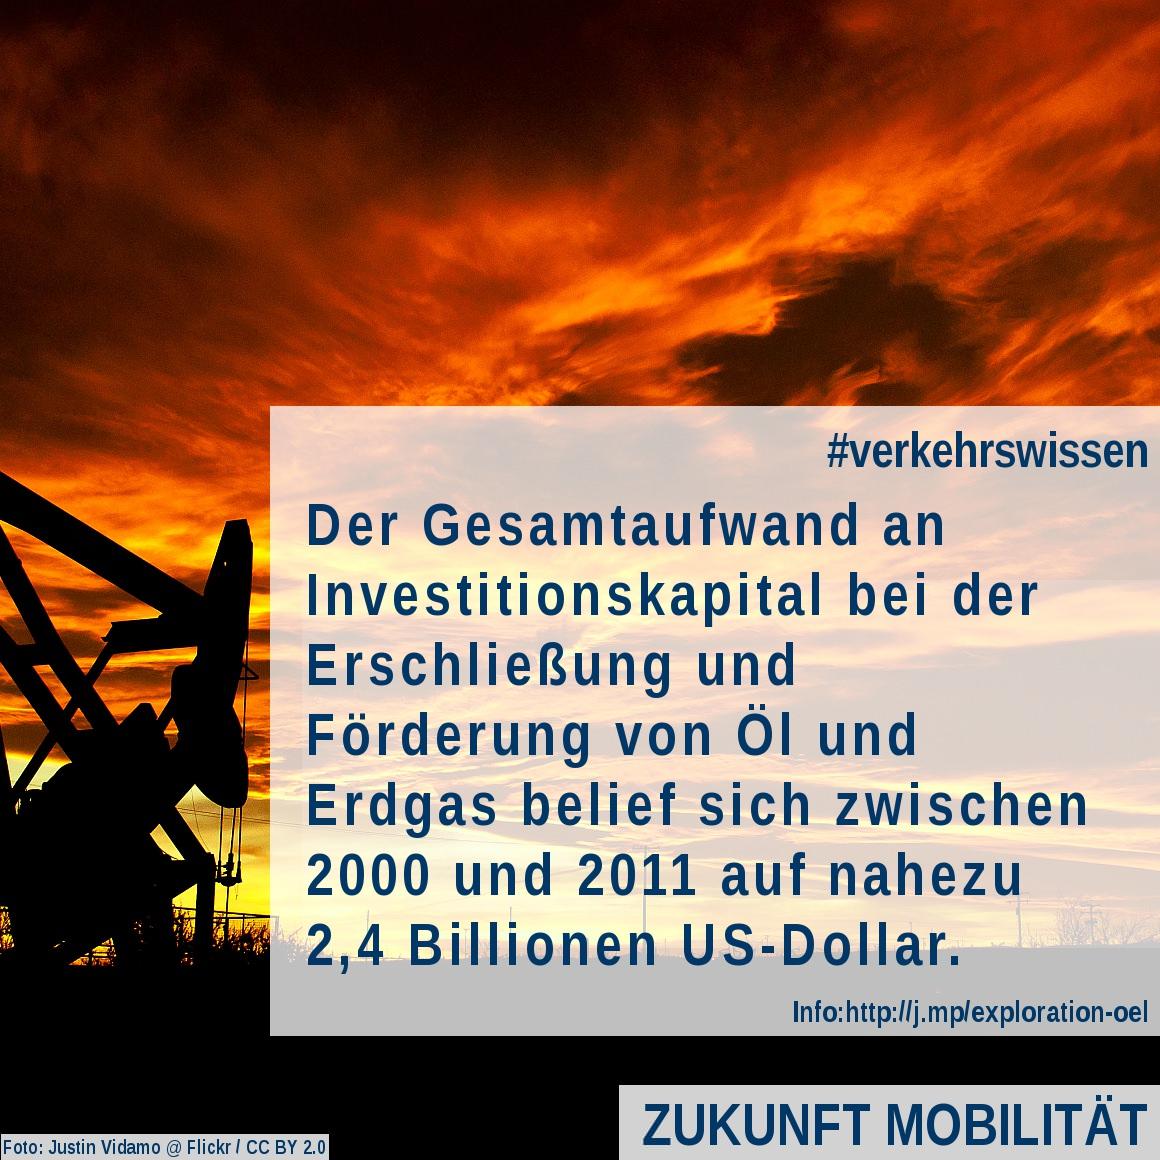 [Verkehrswissen kompakt] Explorationskosten für Erdöl und Erdgas zwischen 2000 und 2011